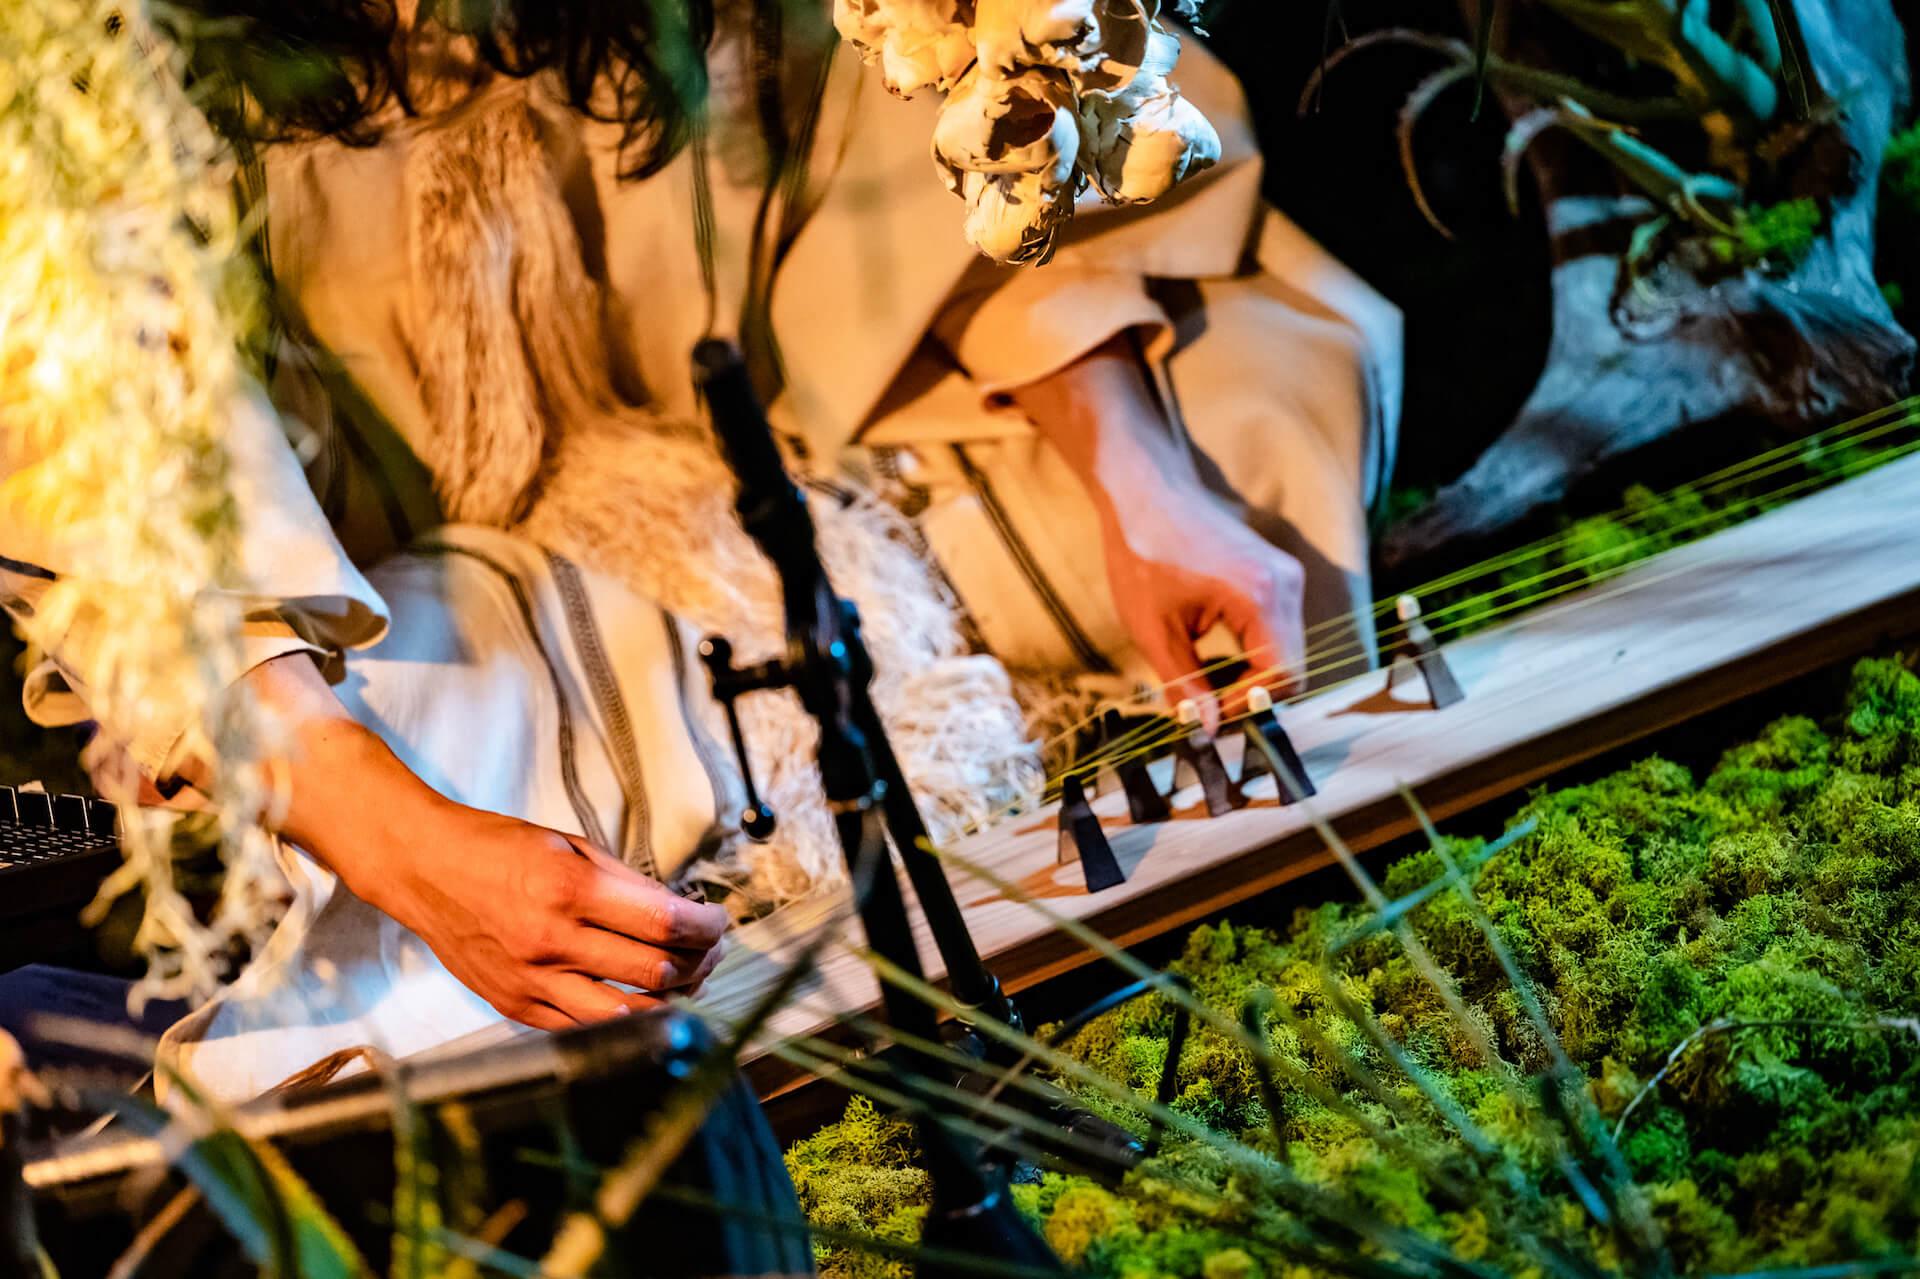 YAKUSHIMA TREASUREの死生観とポストコロナの表現|屋久島の原生林でのライヴ作品『ANOTHER LIVE』に迫る music210219_yakushimatreasure_18